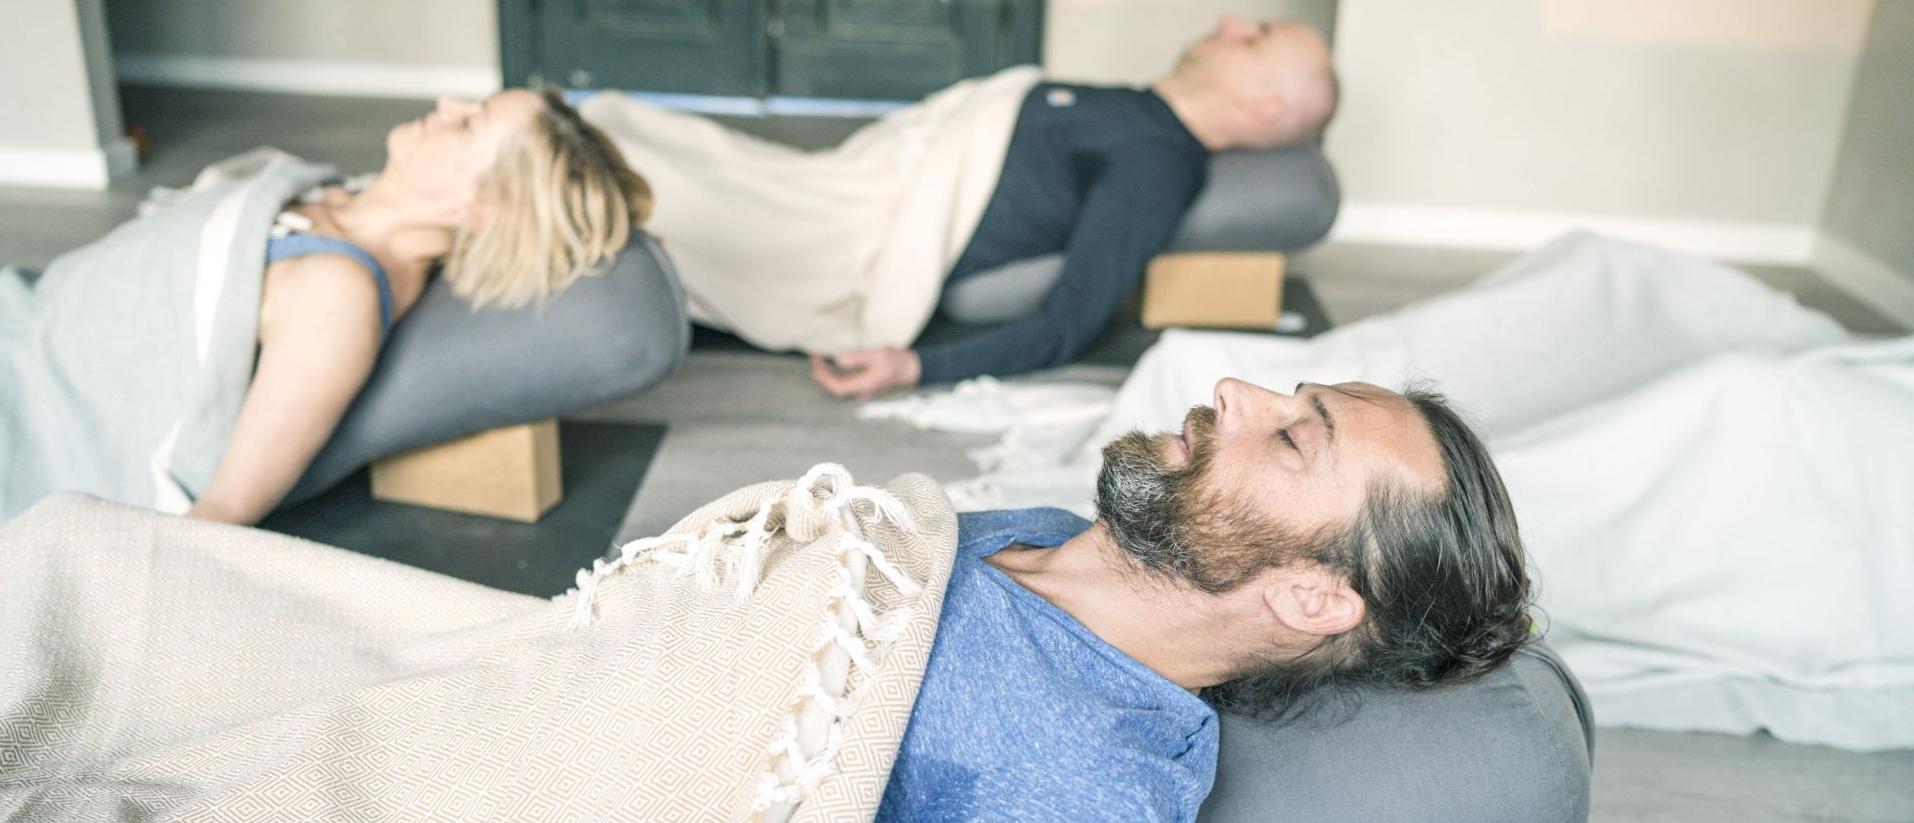 Restorative-the-yoga-flat-copenhagen-workshop